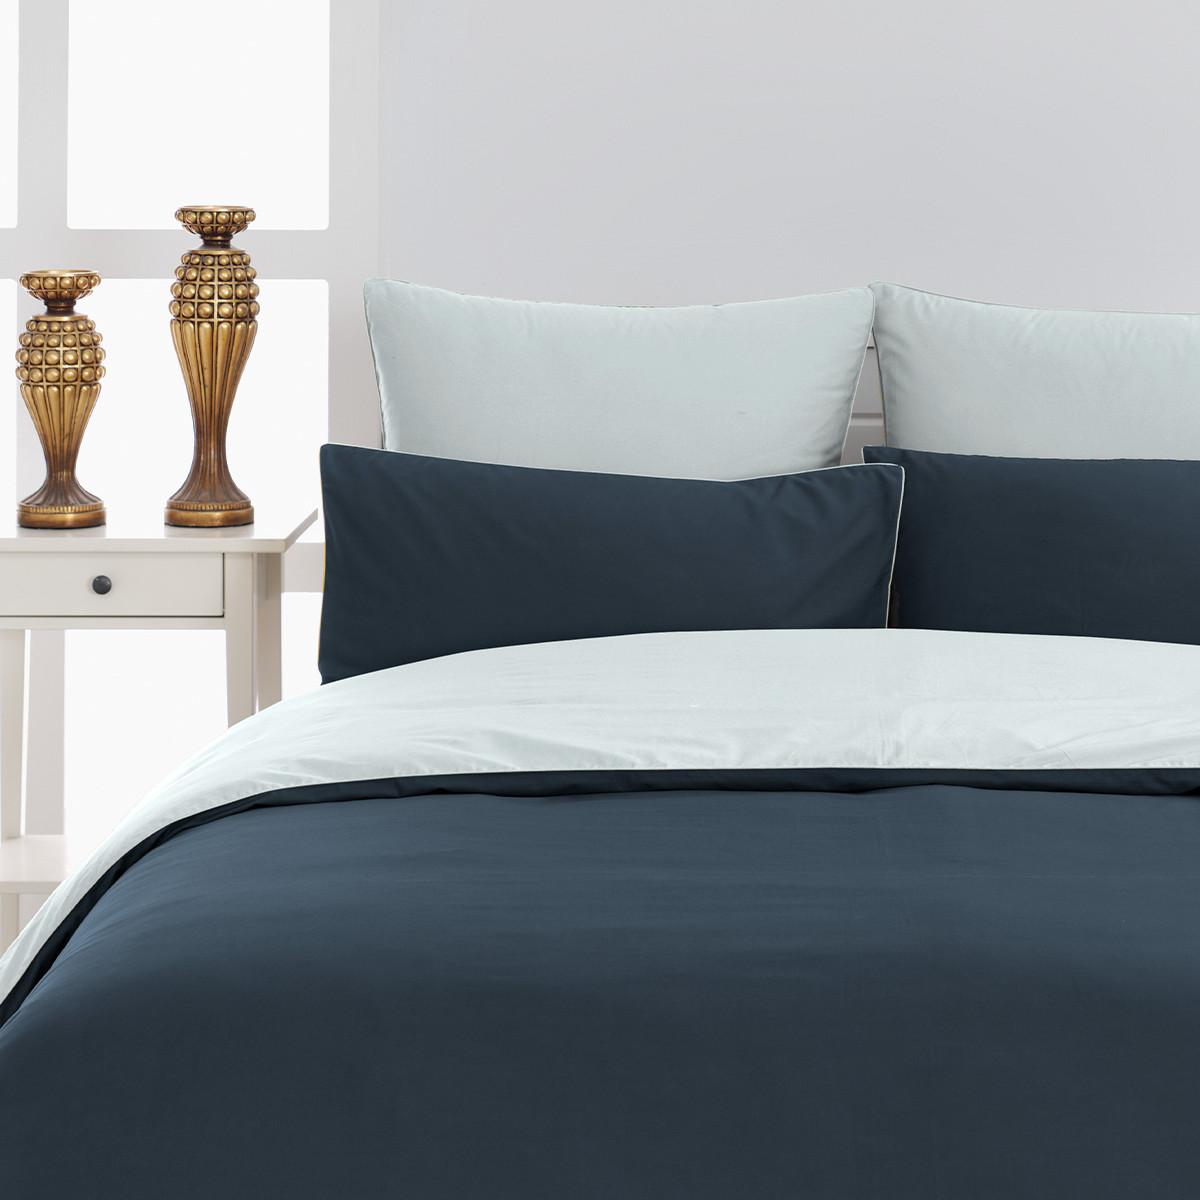 Housse de couette bicolore percale Rose Poudre/Blanc 240x220 cm